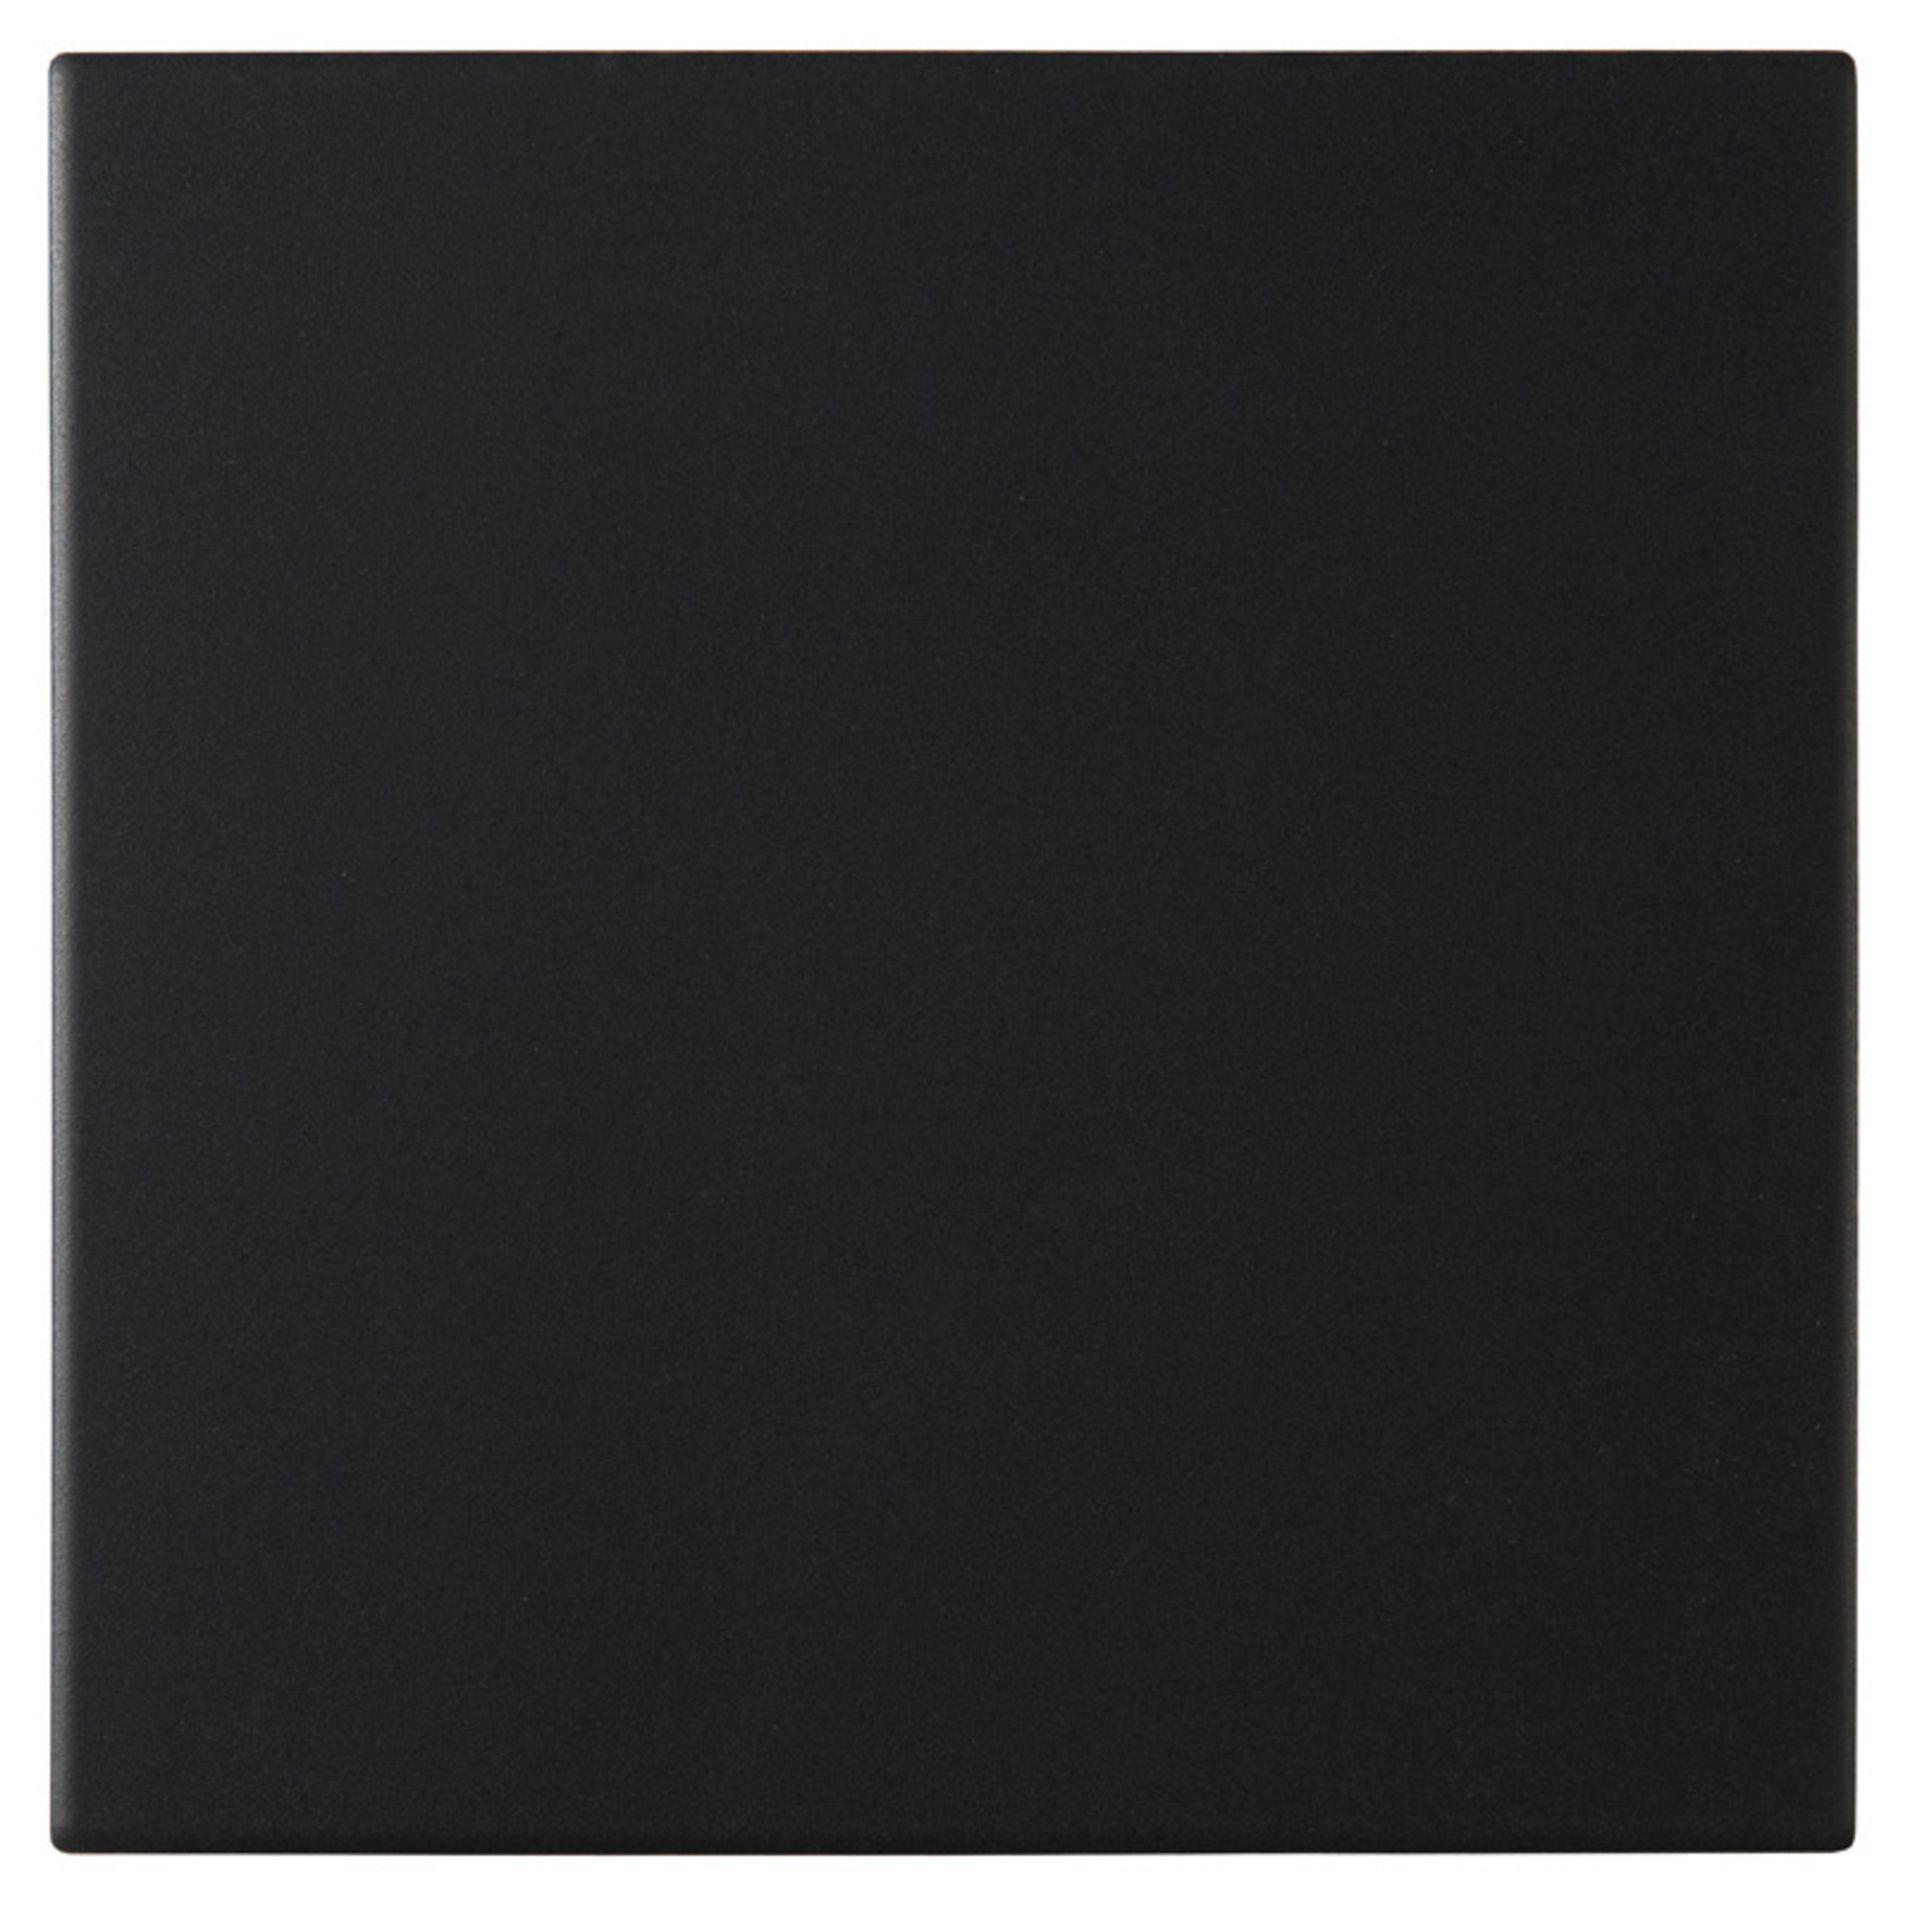 NEW 30.24M2 Pescaro Black Matt Plain Ceramic Wall & floor tile. 30x30cm per tile. Slip - Image 2 of 2